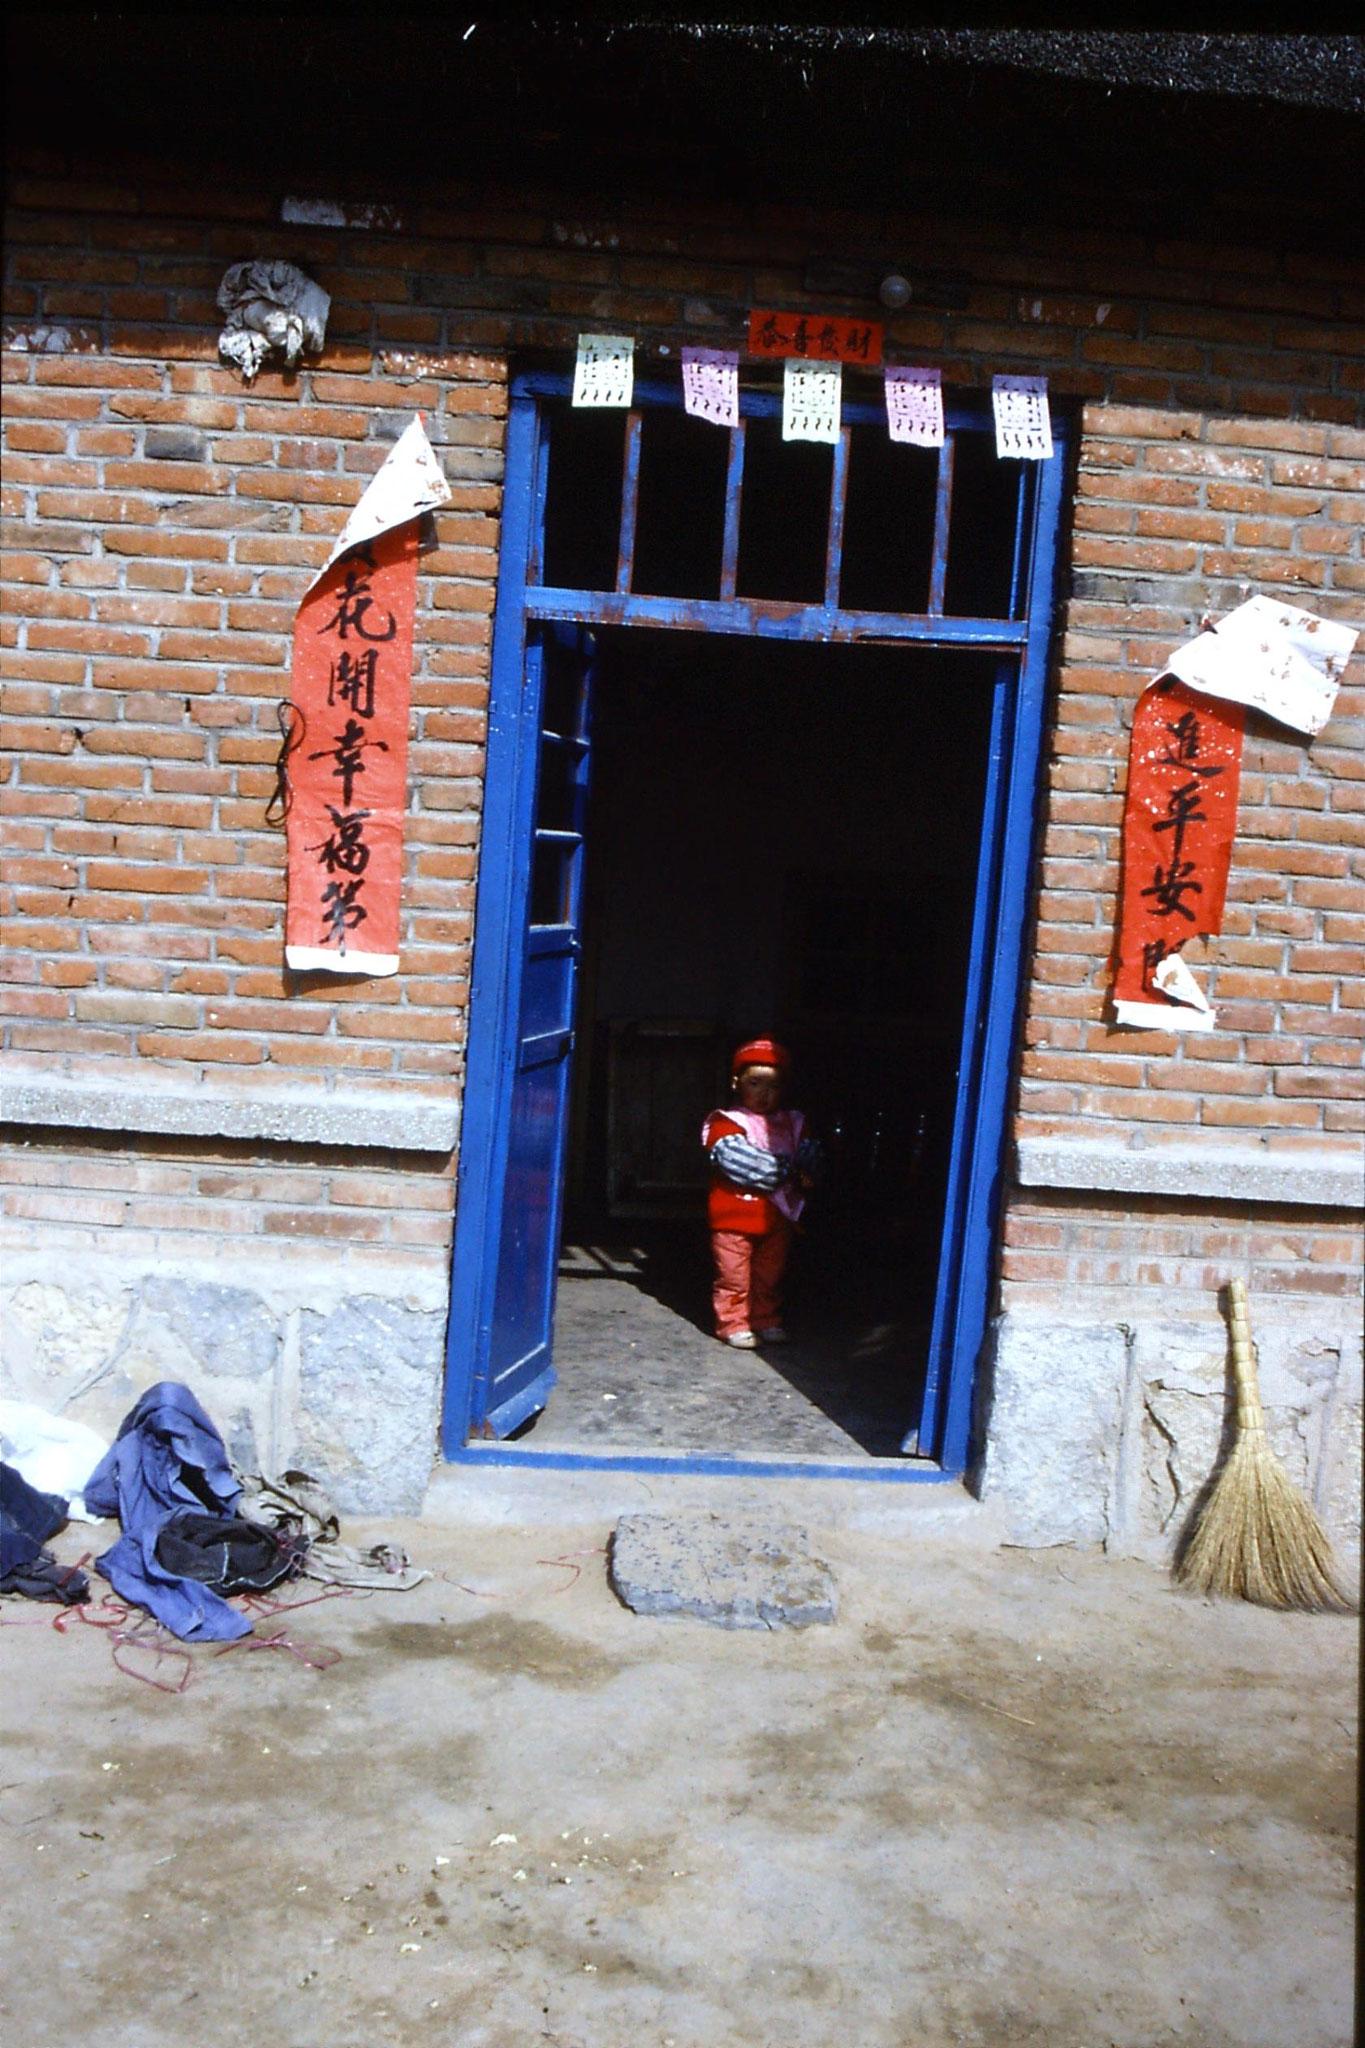 15/2/1989: 11 Liu Bo's village